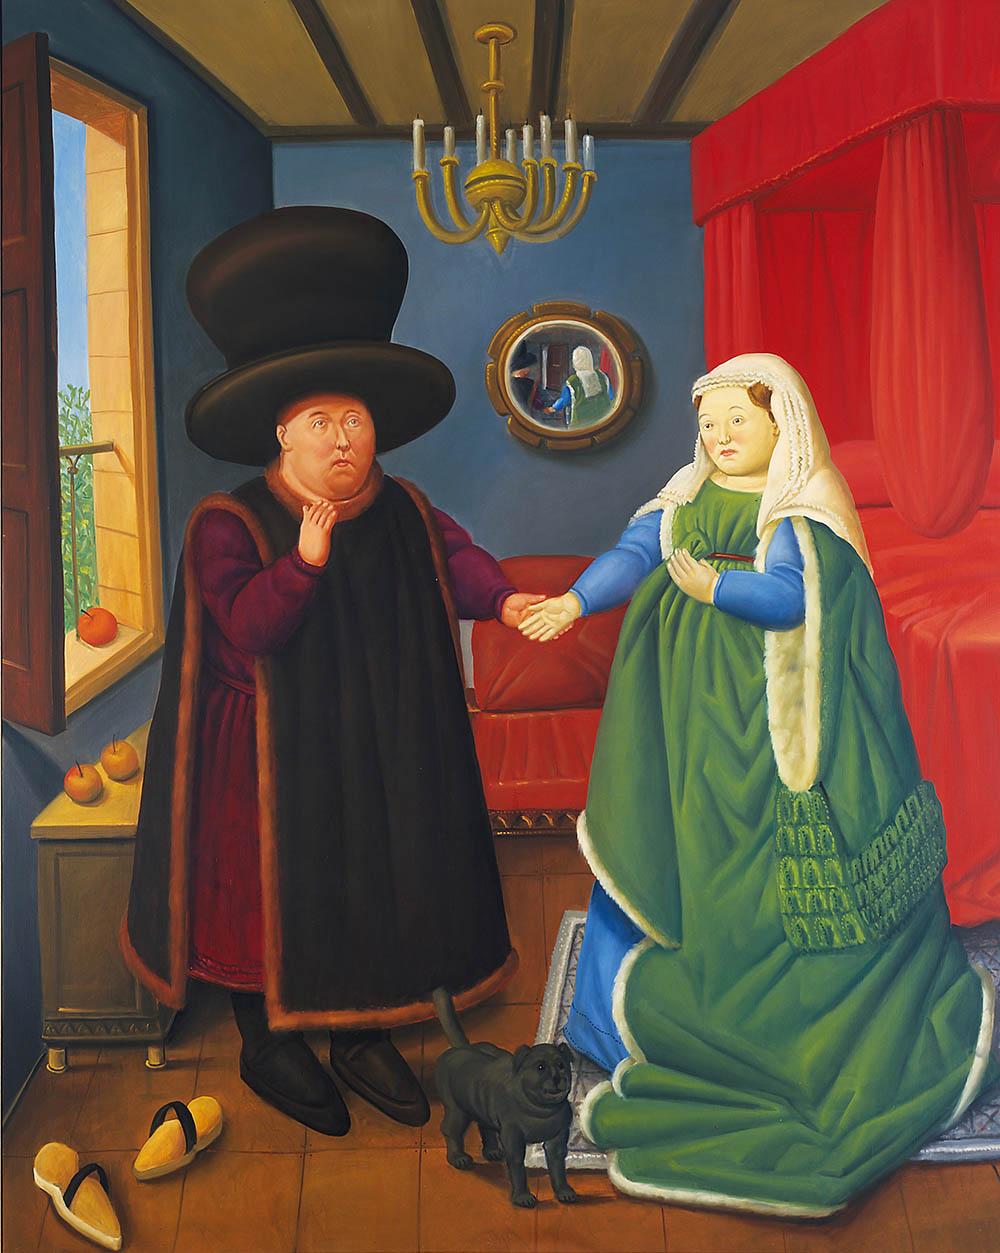 fernando-botero_the-arnolfini-segun-van-eyck-2006_oleo-sobre-lienzo-lien